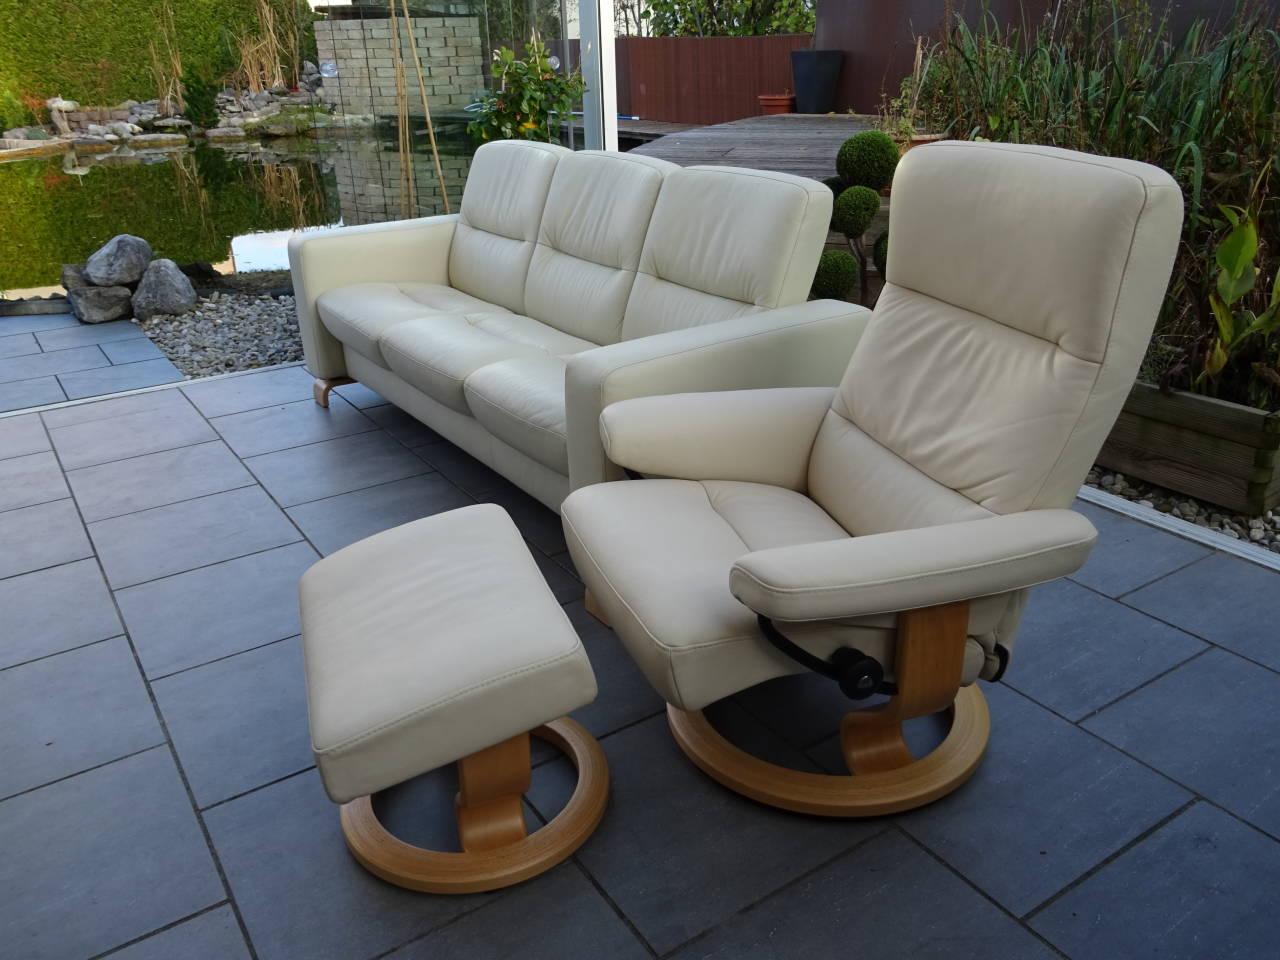 stressless 3 sitzer wave und sessel atlantic m modell. Black Bedroom Furniture Sets. Home Design Ideas